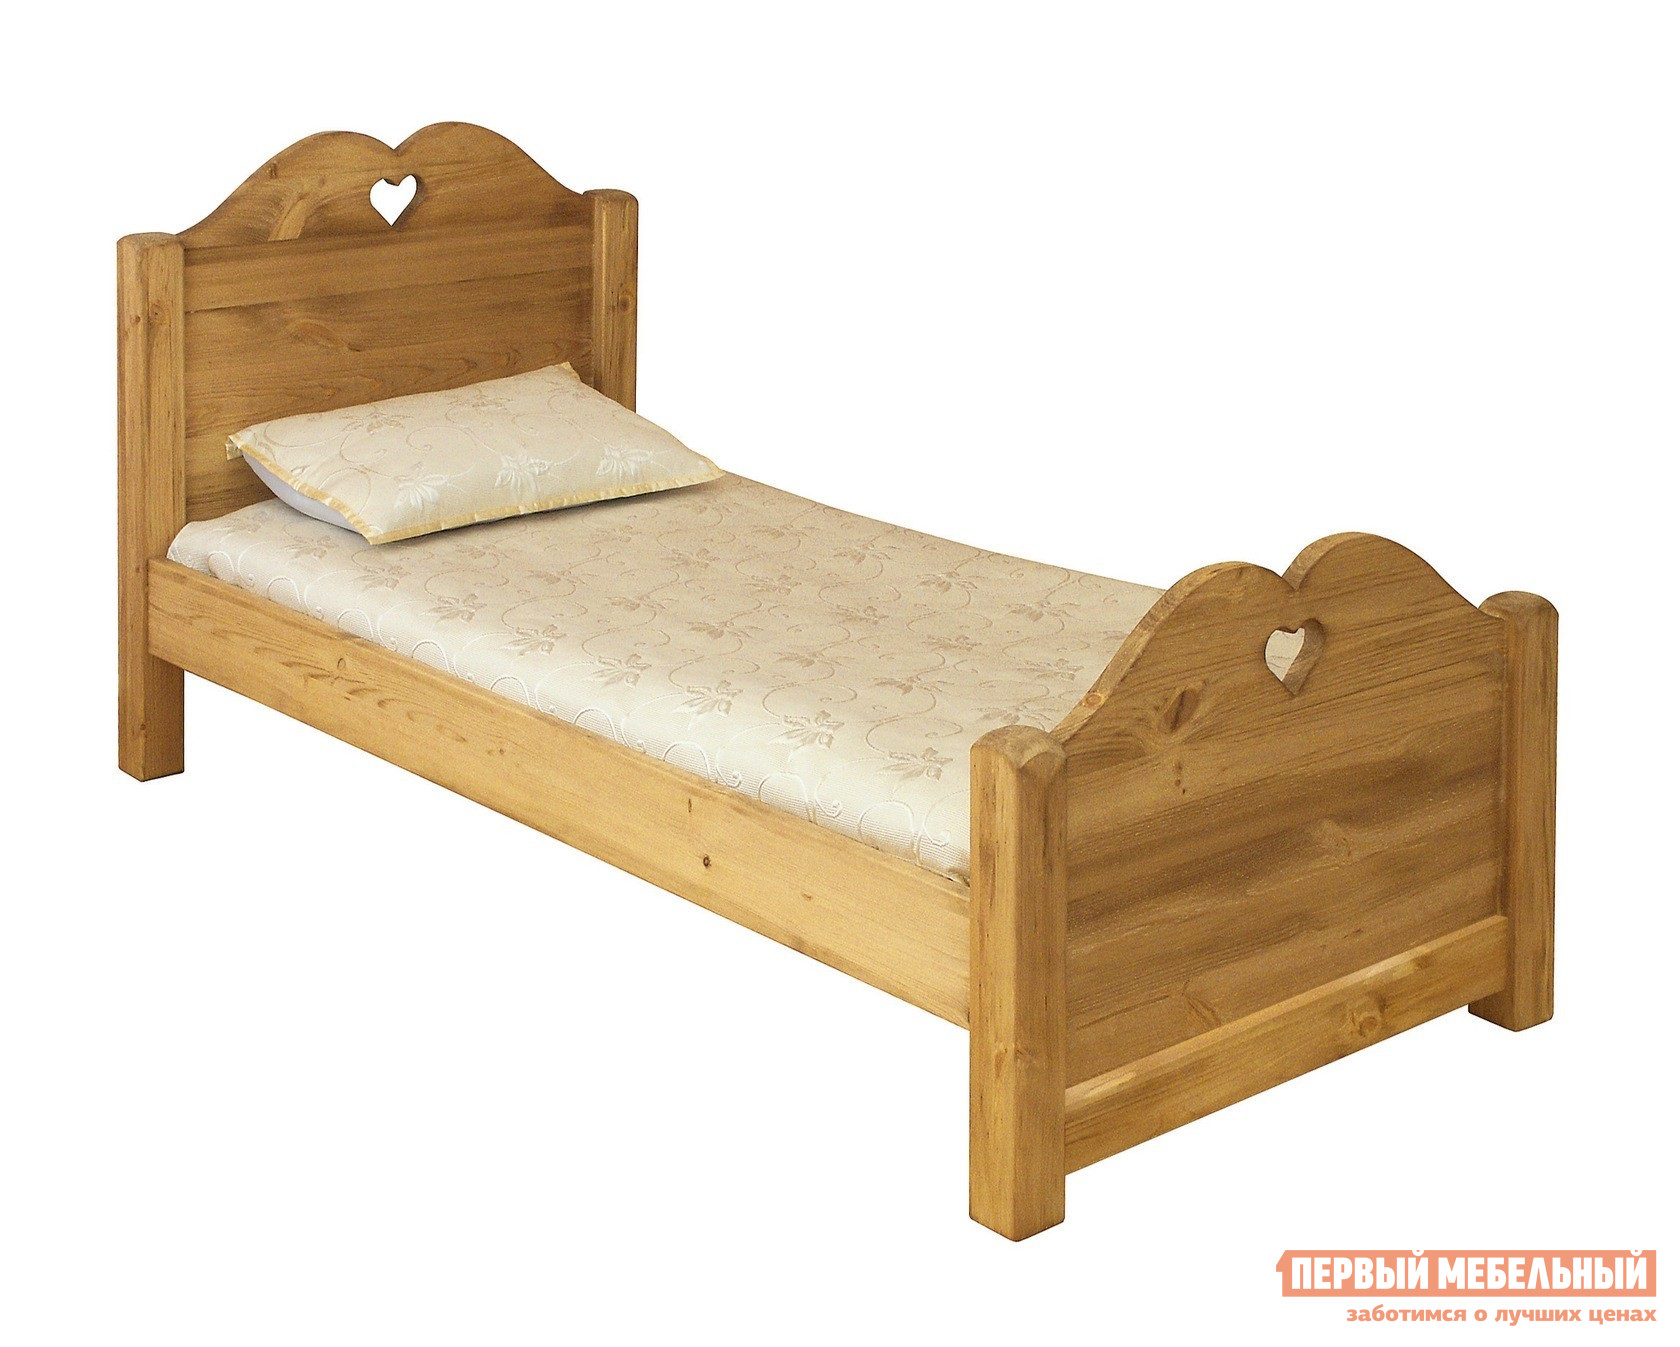 Односпальная кровать из сосны Волшебная сосна LIT COEUR 90 (LCOEUR 90) волшебная сосна комод волшебная сосна confiturier roberto массив сосны